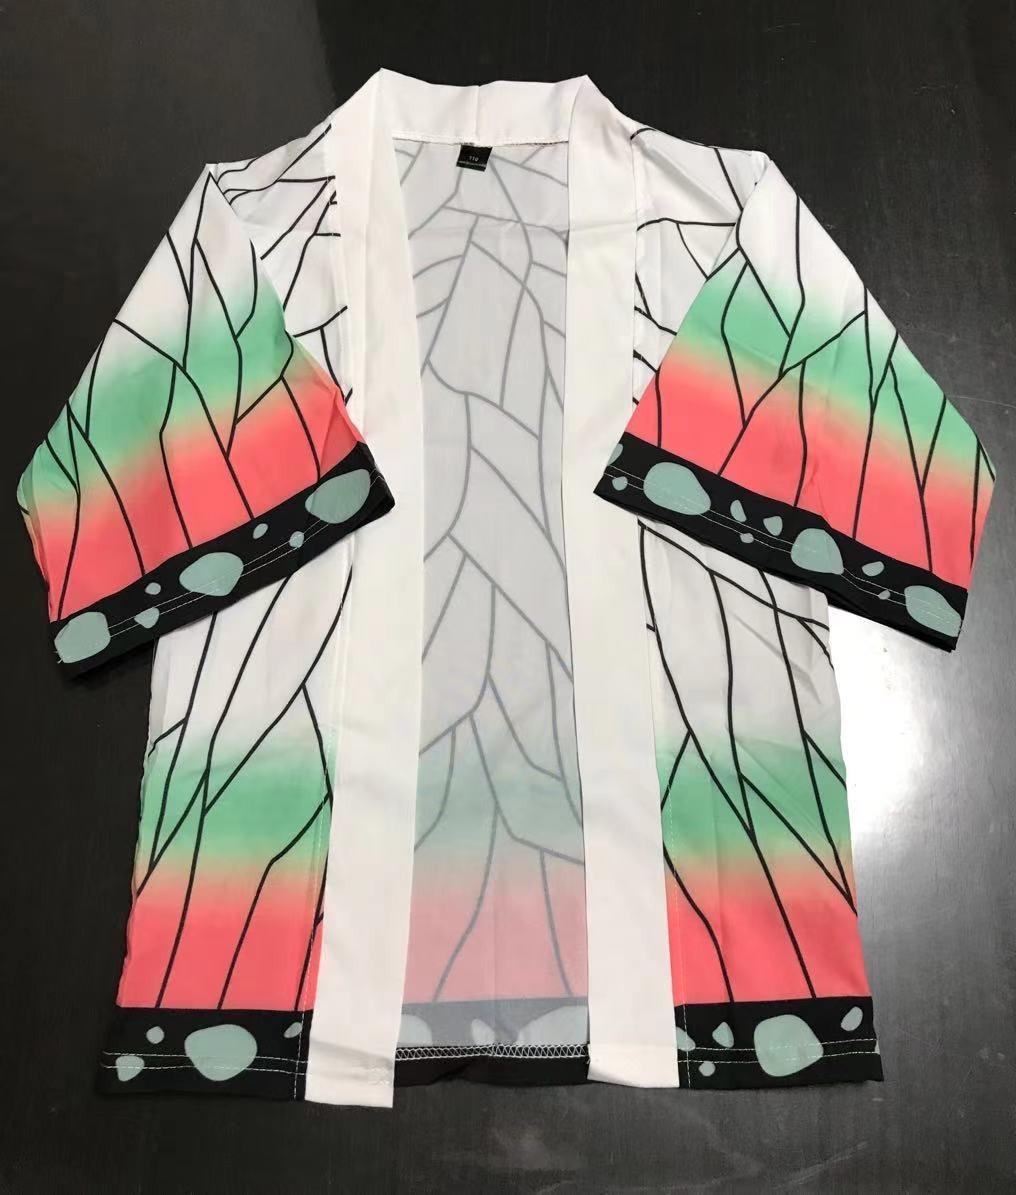 鬼滅の刃 胡蝶しのぶ 羽織のみ 子供用 コスプレ衣装 男女兼用